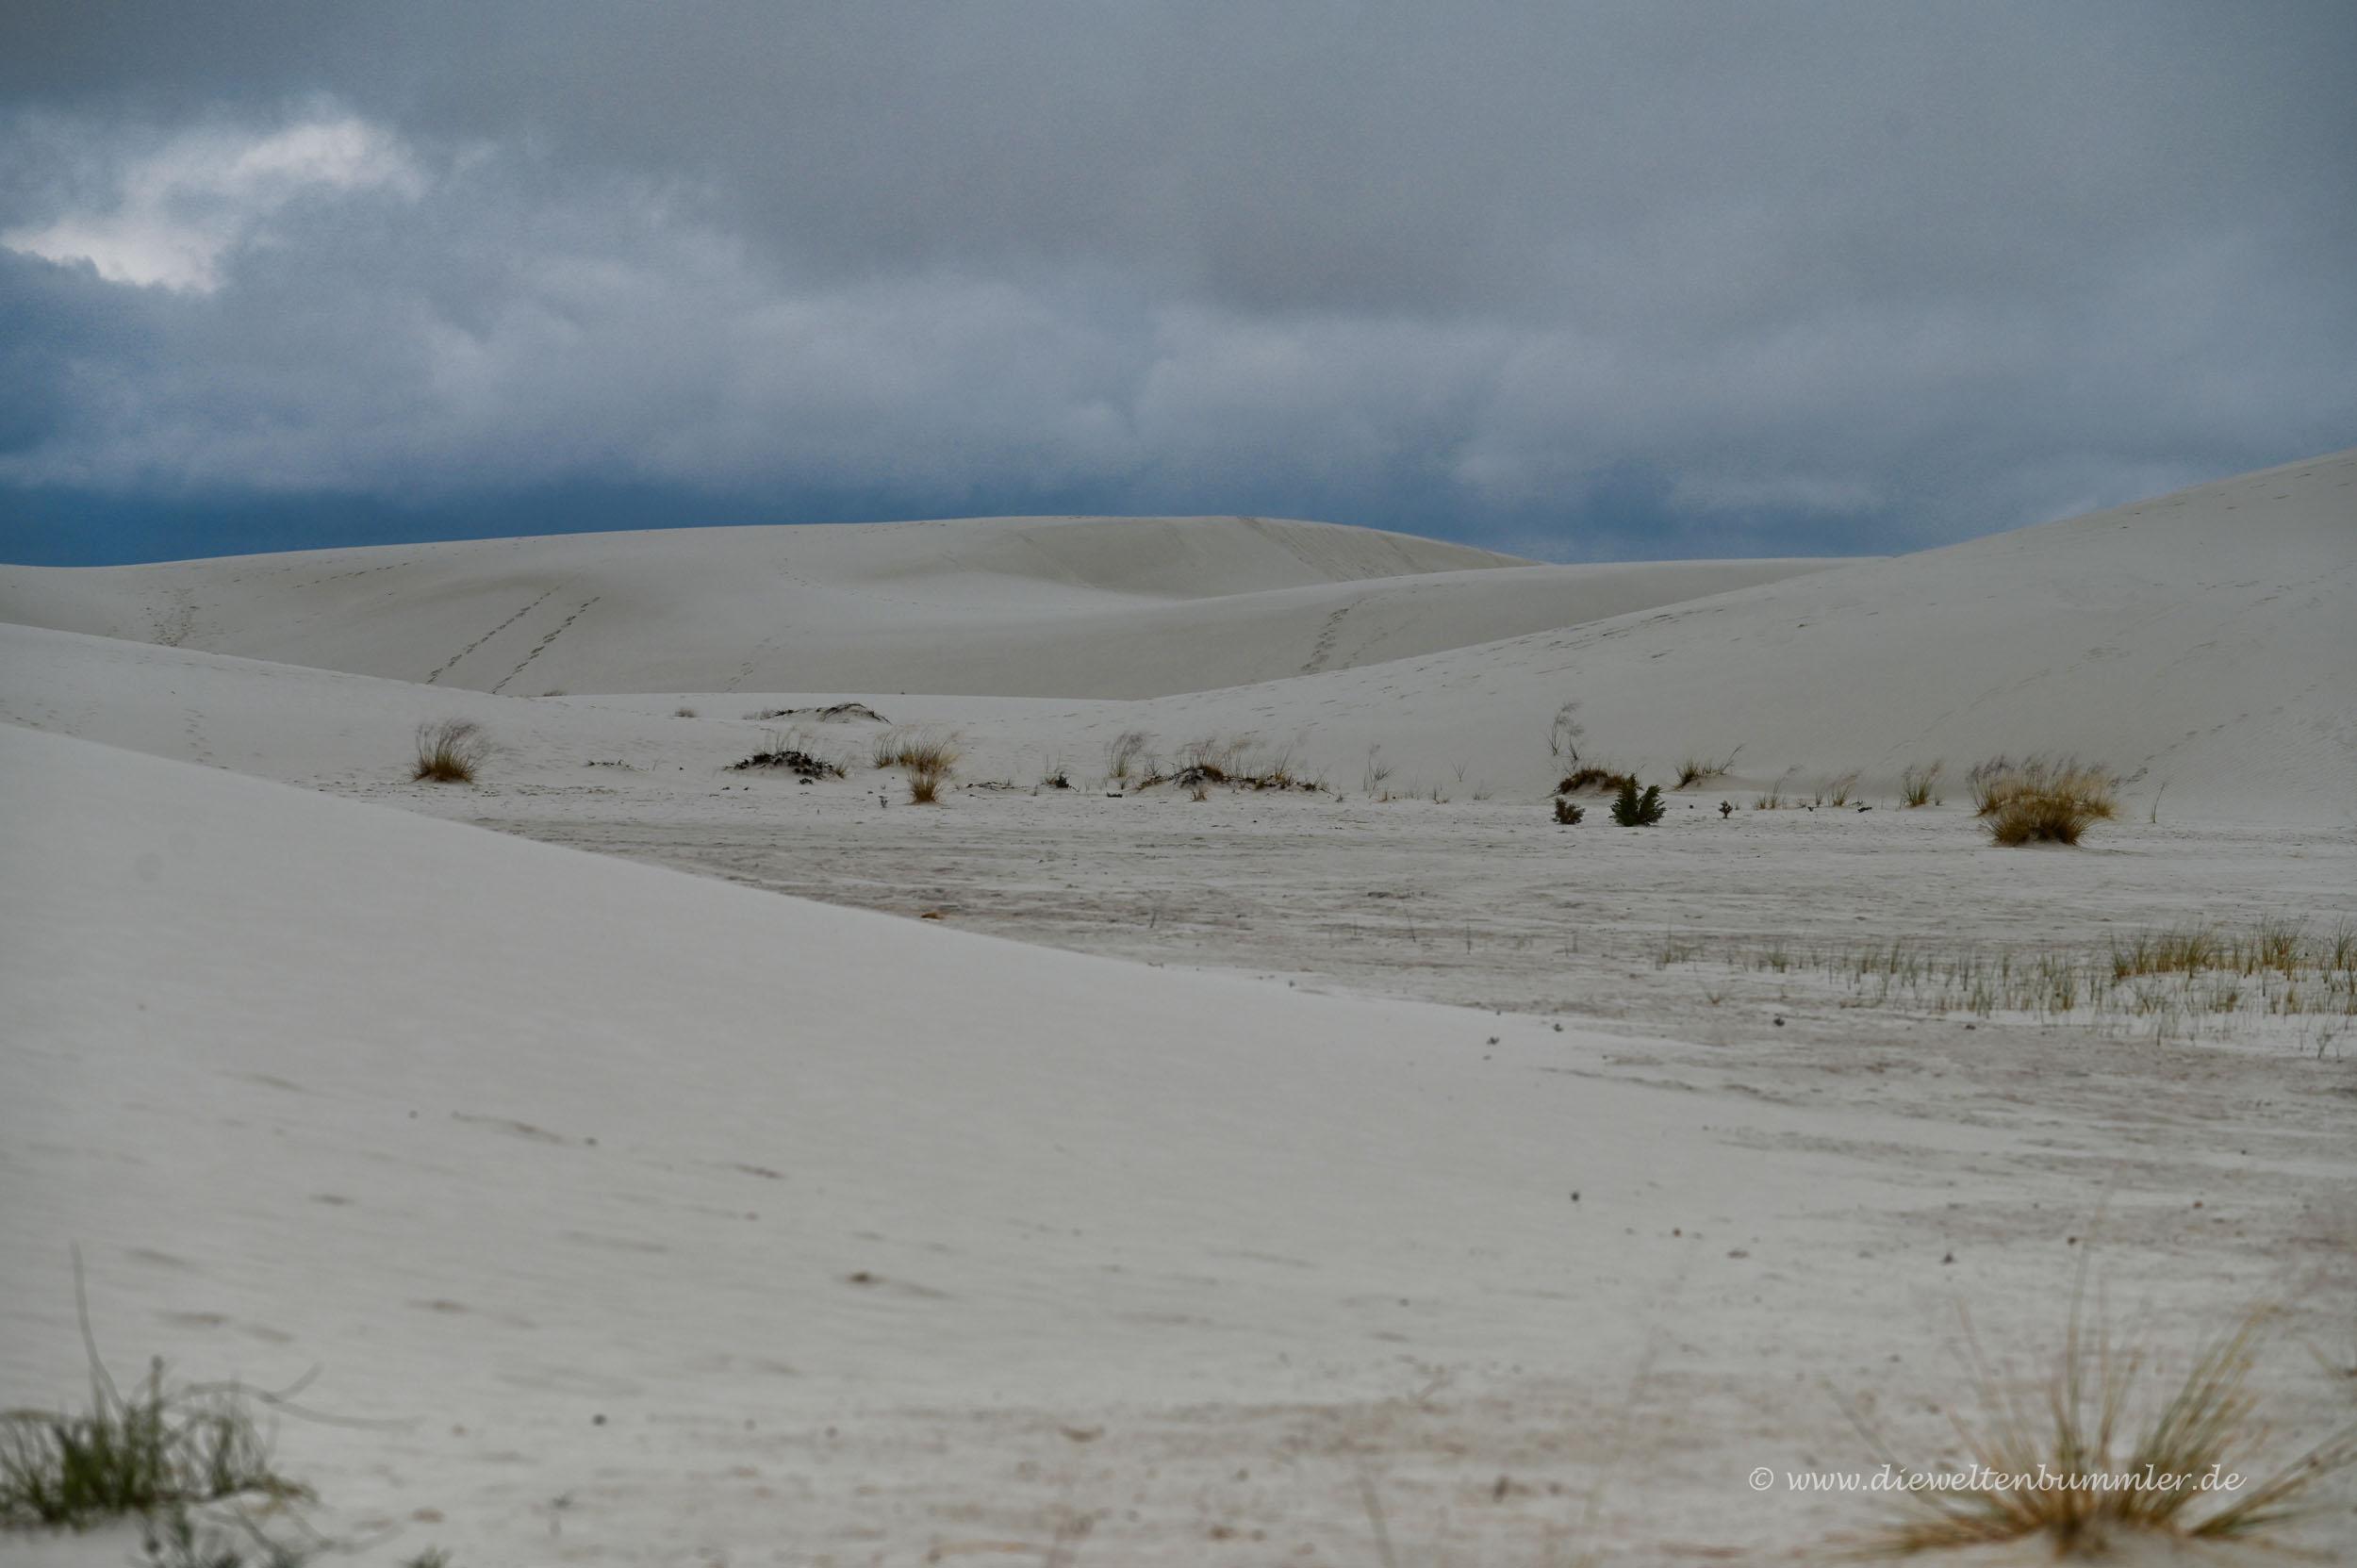 Schlechtes Wetter in der Wüste